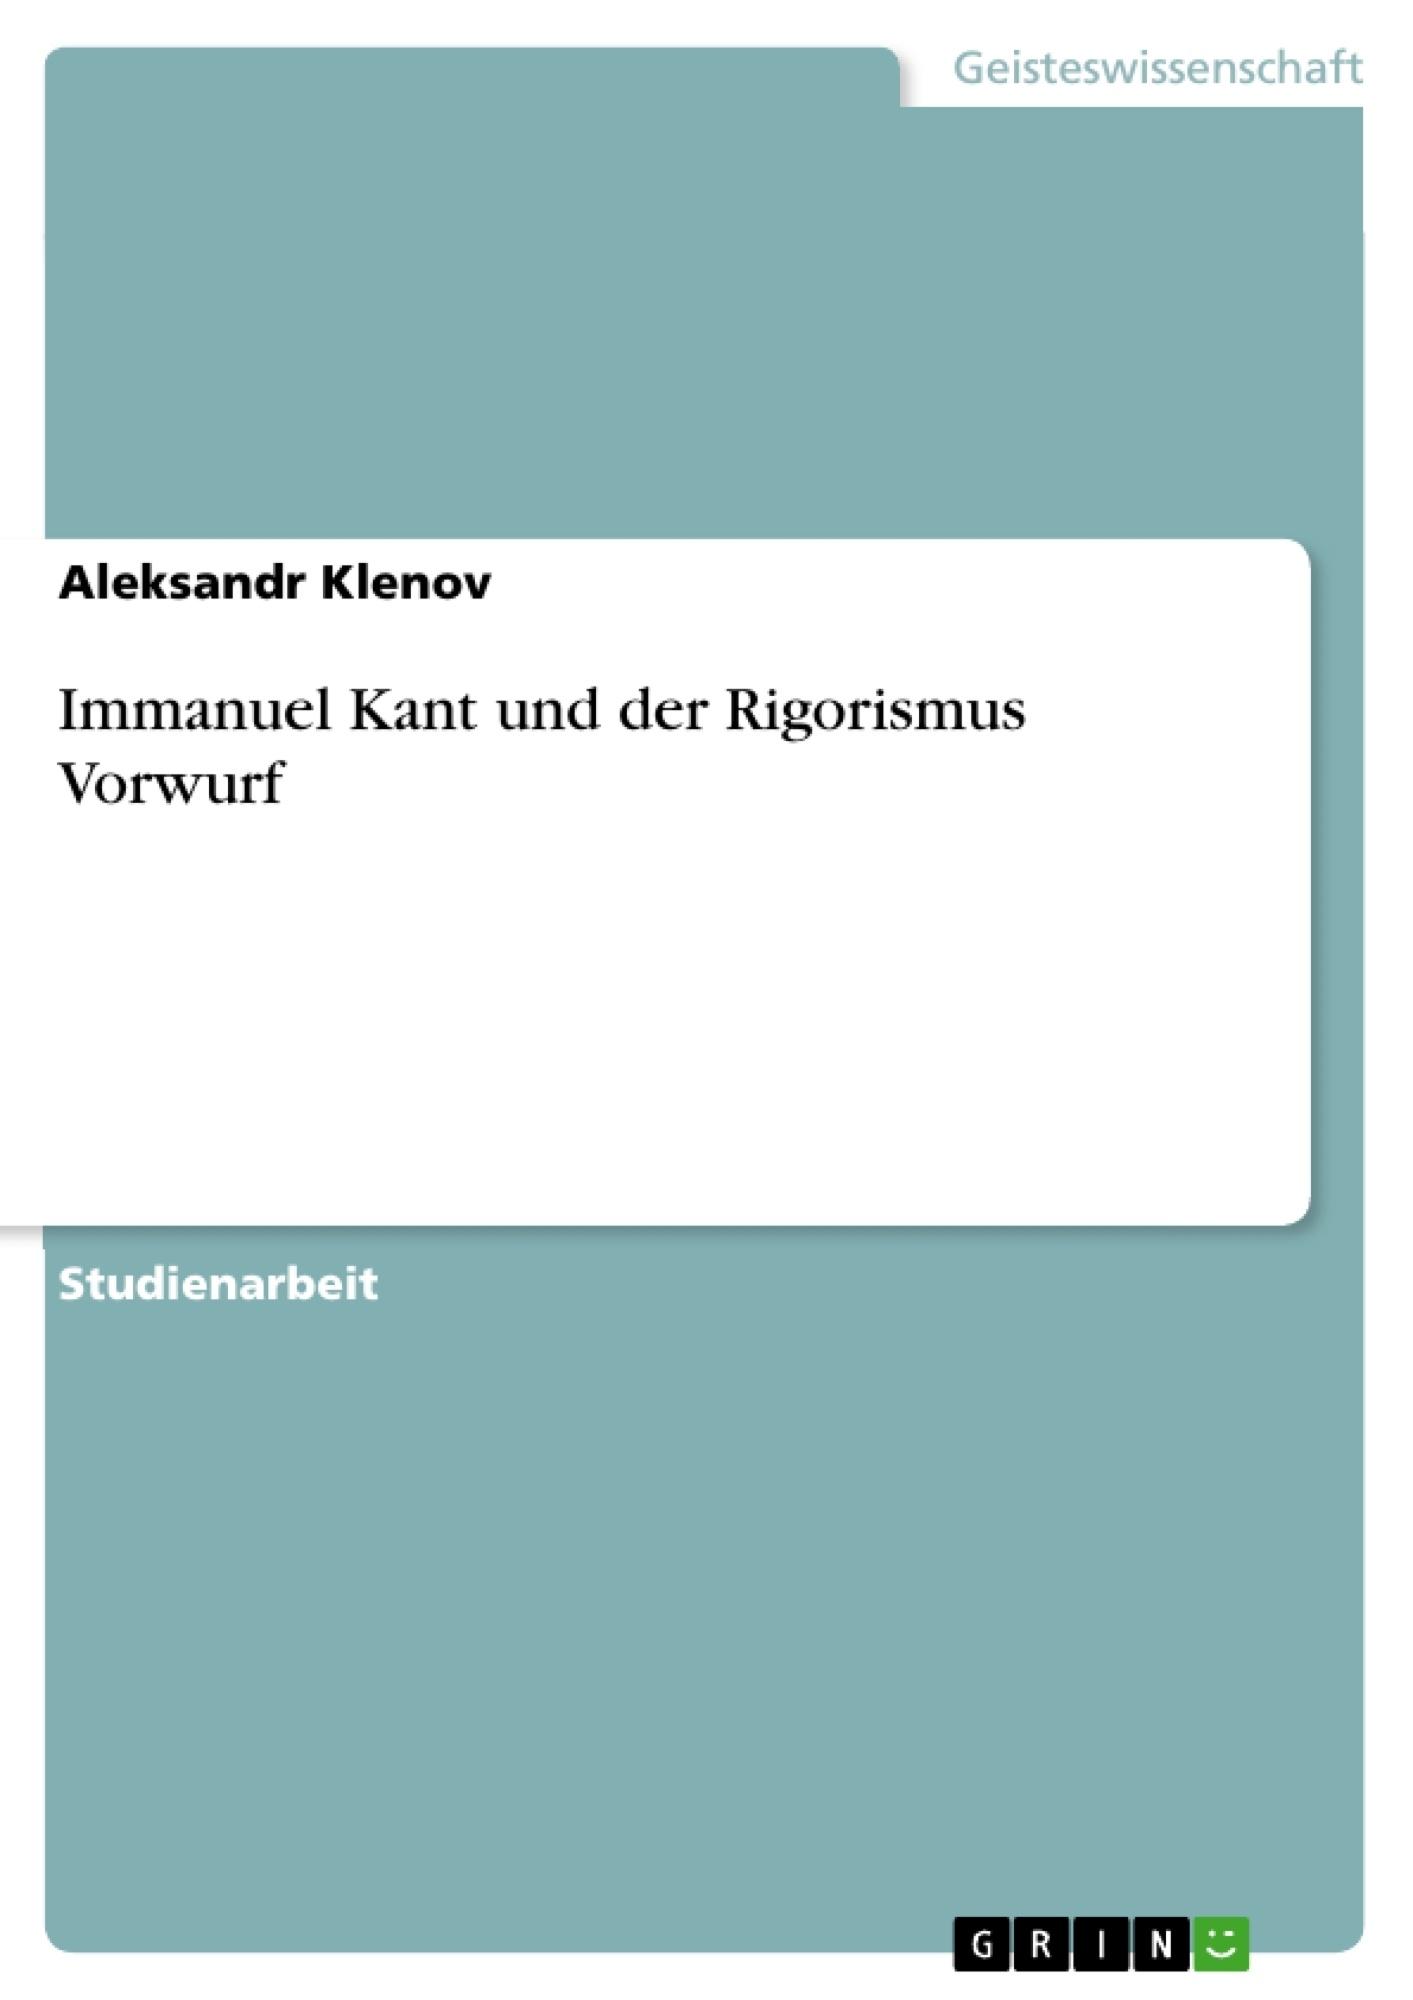 Titel: Immanuel Kant und der Rigorismus Vorwurf